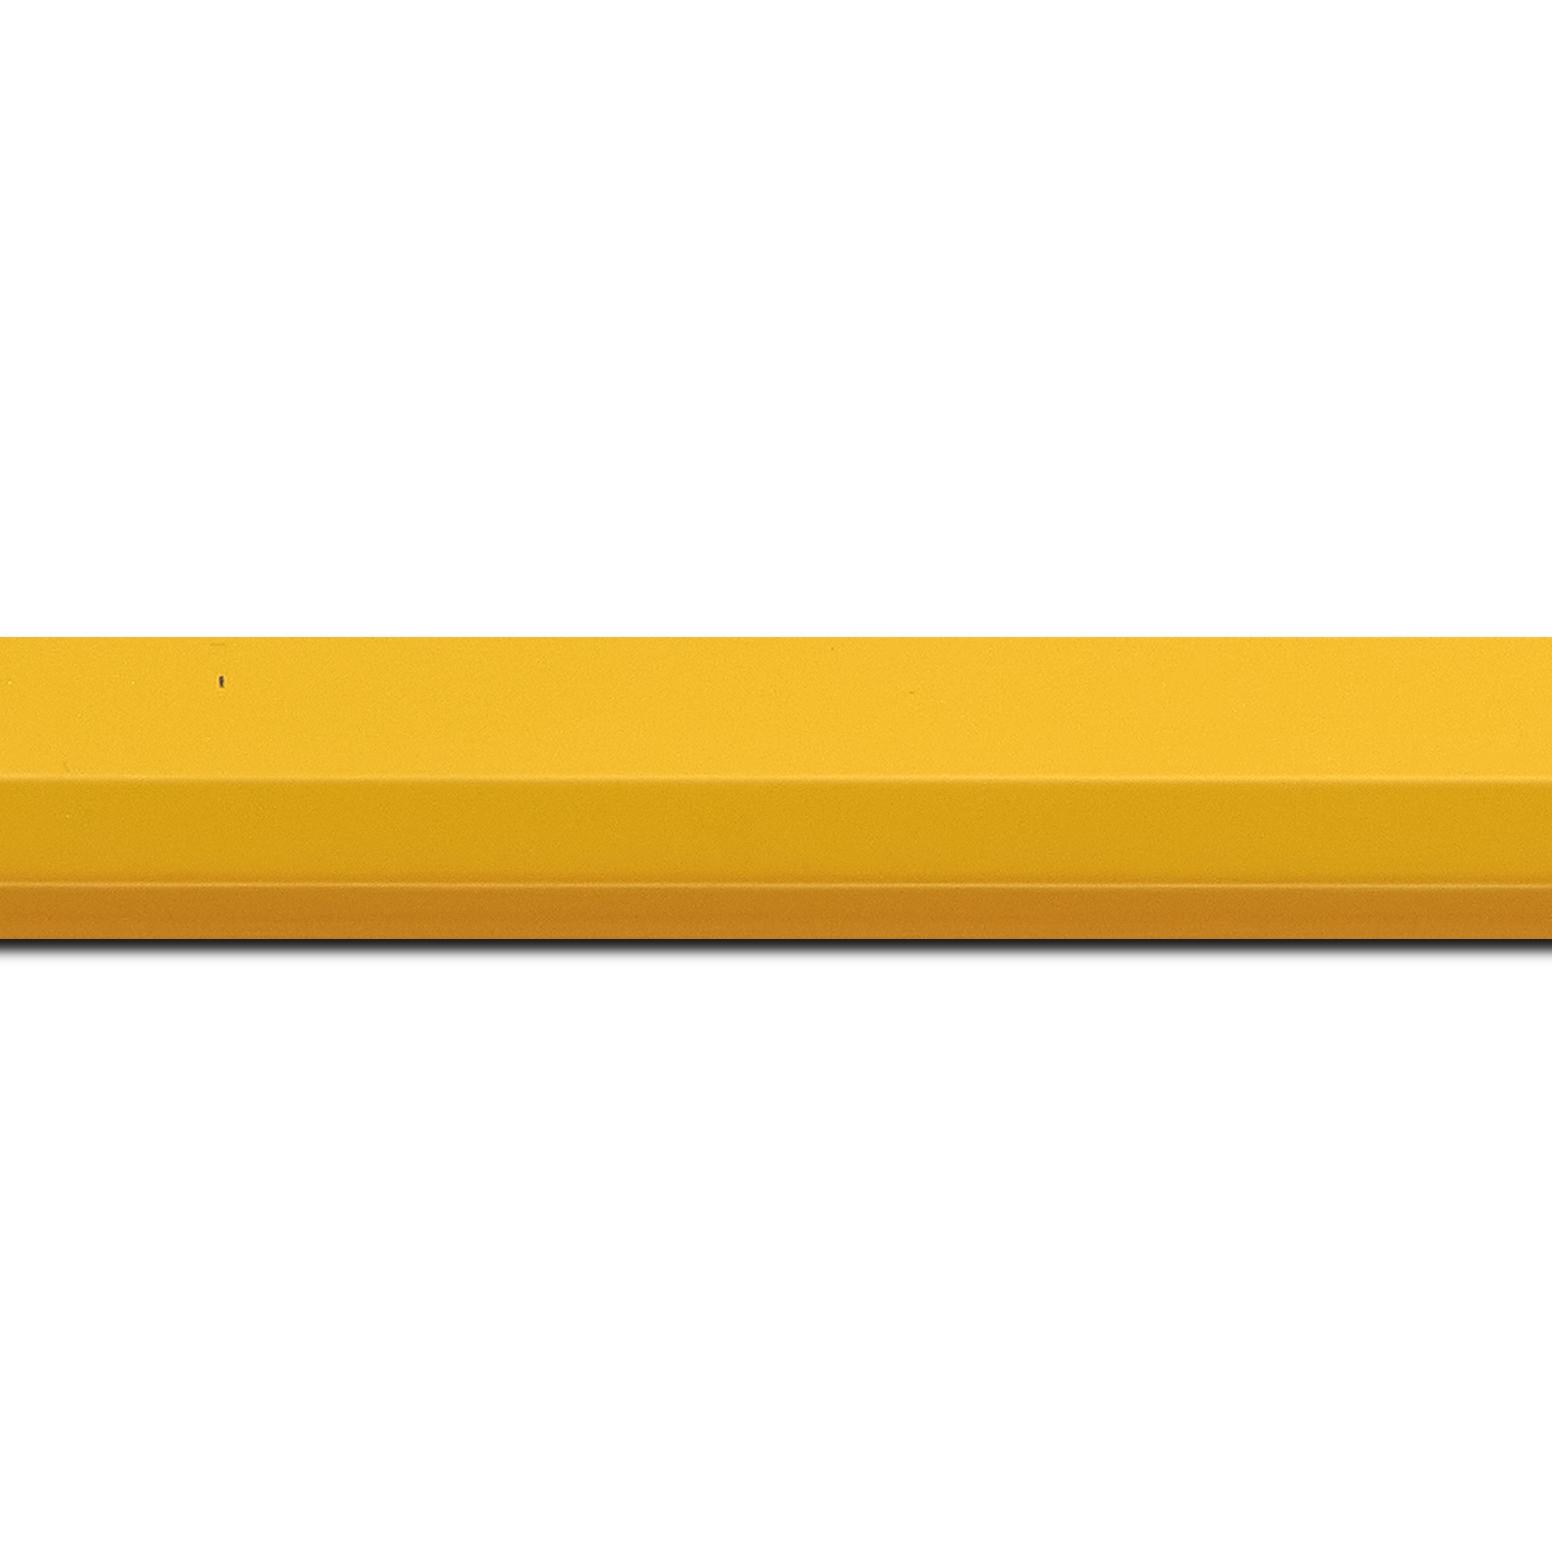 Pack par 12m, bois profil plat profil plat 3 faces largeur 2.8cm de couleur jaune mat , nez intérieur jaune + foncé mat dégradé (finition pore bouché) (longueur baguette pouvant varier entre 2.40m et 3m selon arrivage des bois)